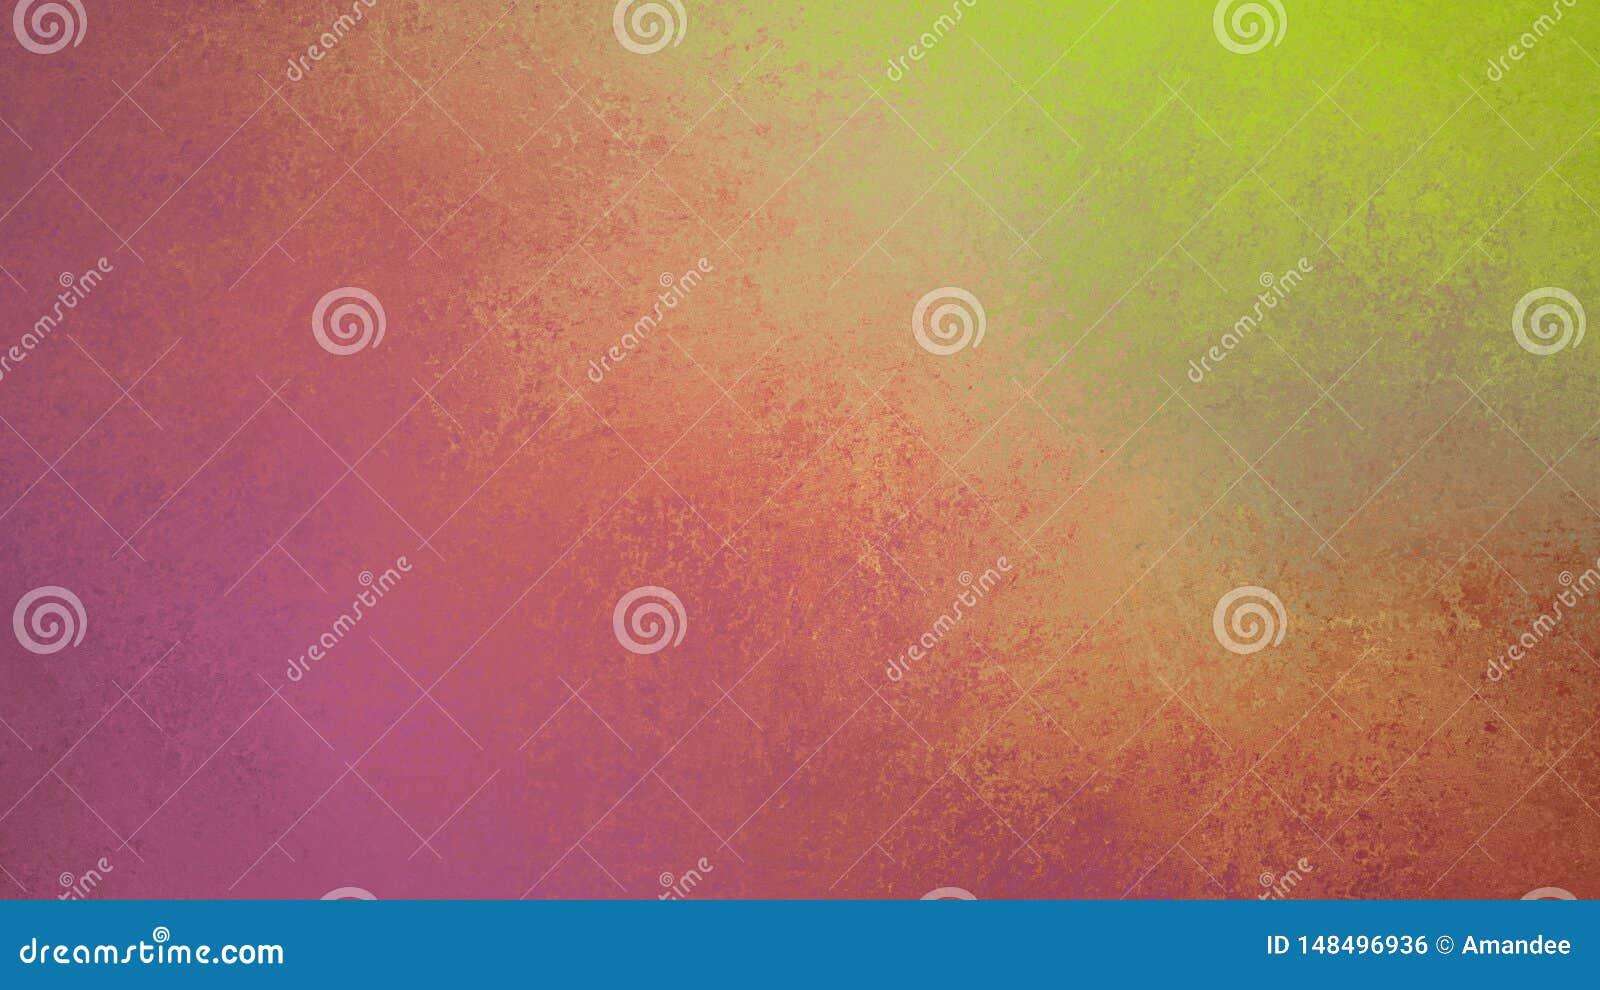 Fondo variopinto astratto con vecchia progettazione pulita e spalmata della pittura, verde rosa e giallo porpora